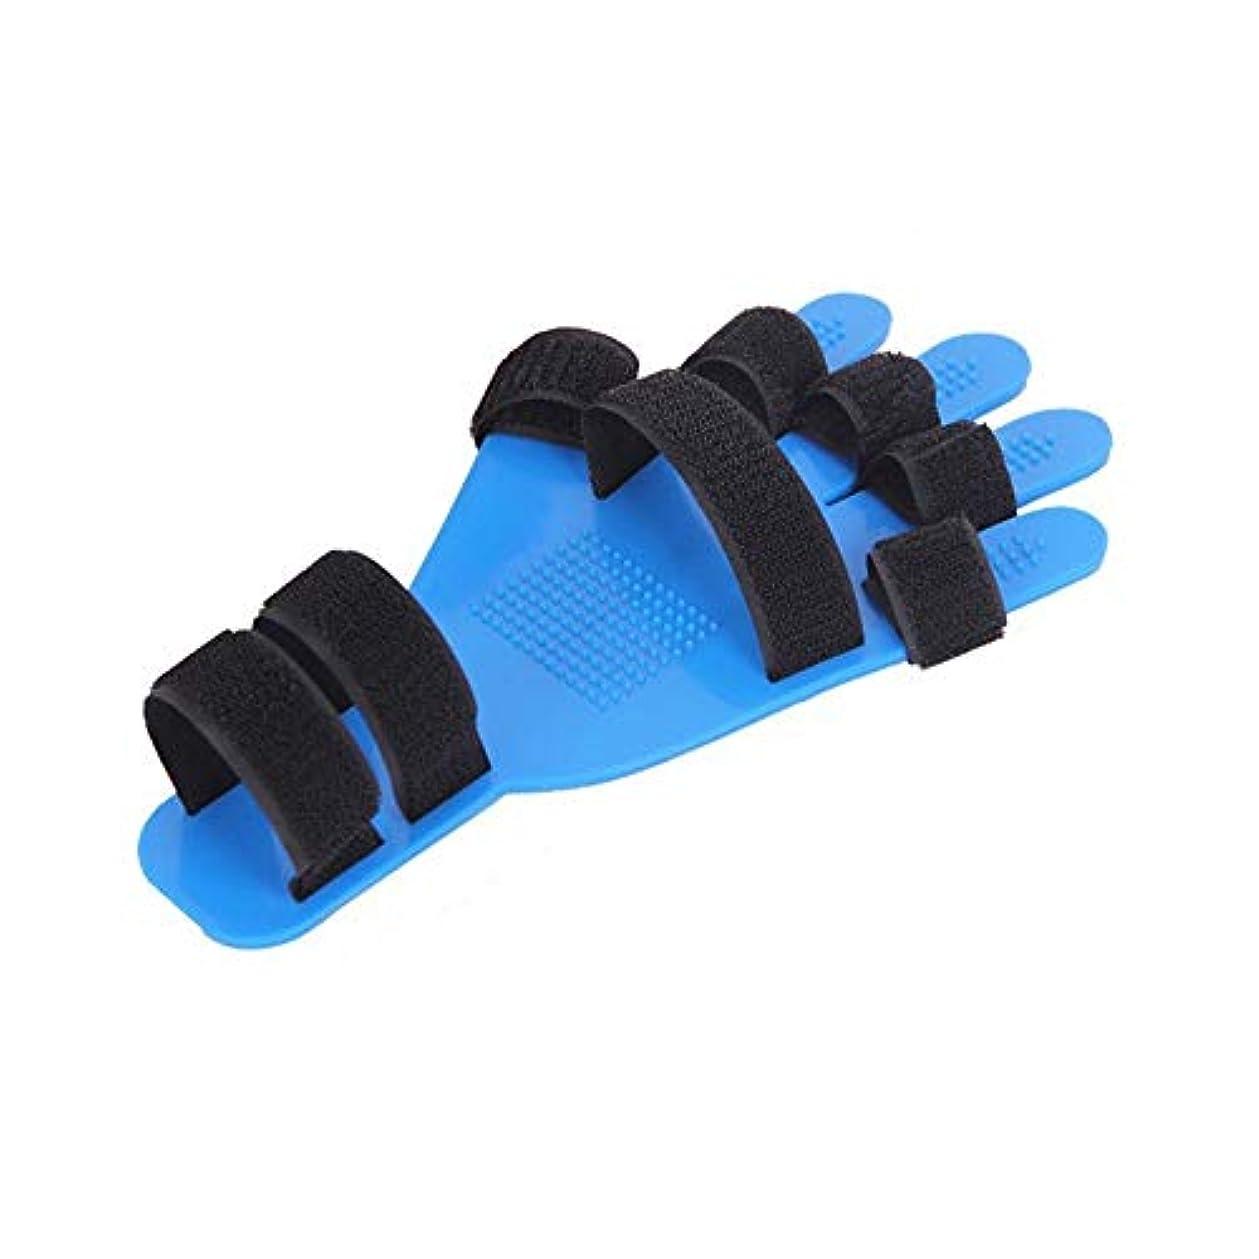 見る減少商品指トレーニングボード 修正指板 指の訓練板 指サポーター 指の添え木指板 調節可能なフィンガー 指リハビリ訓練器具 左右手通用